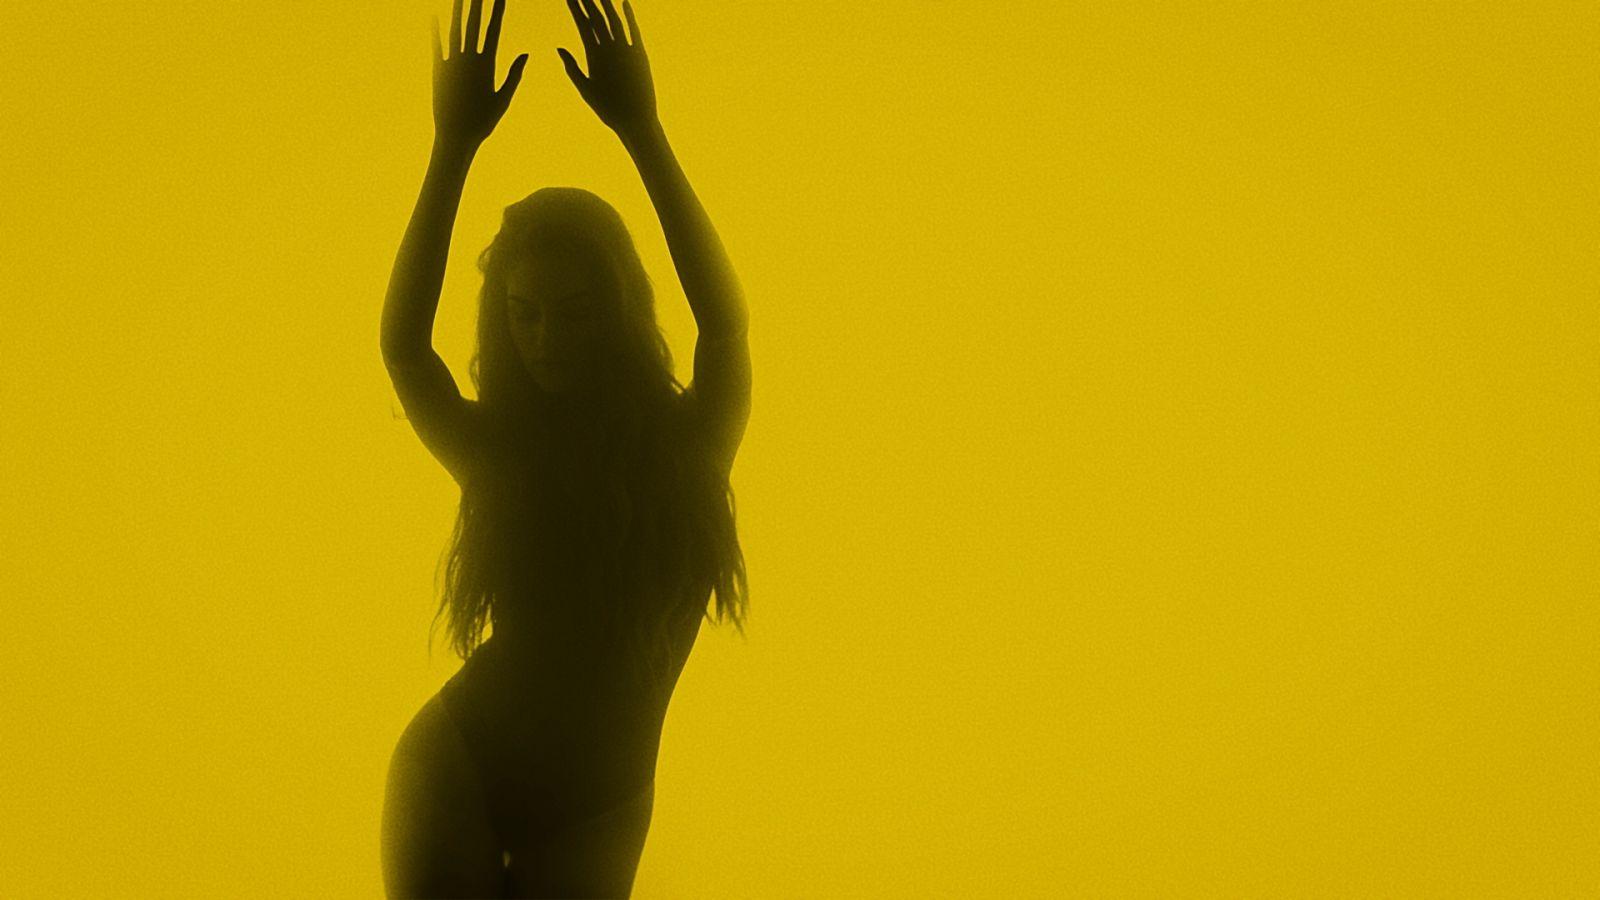 Мокрая девочка танцует: Мисс Украина-2016 Александра Кучеренко показала фигуру в купальнике